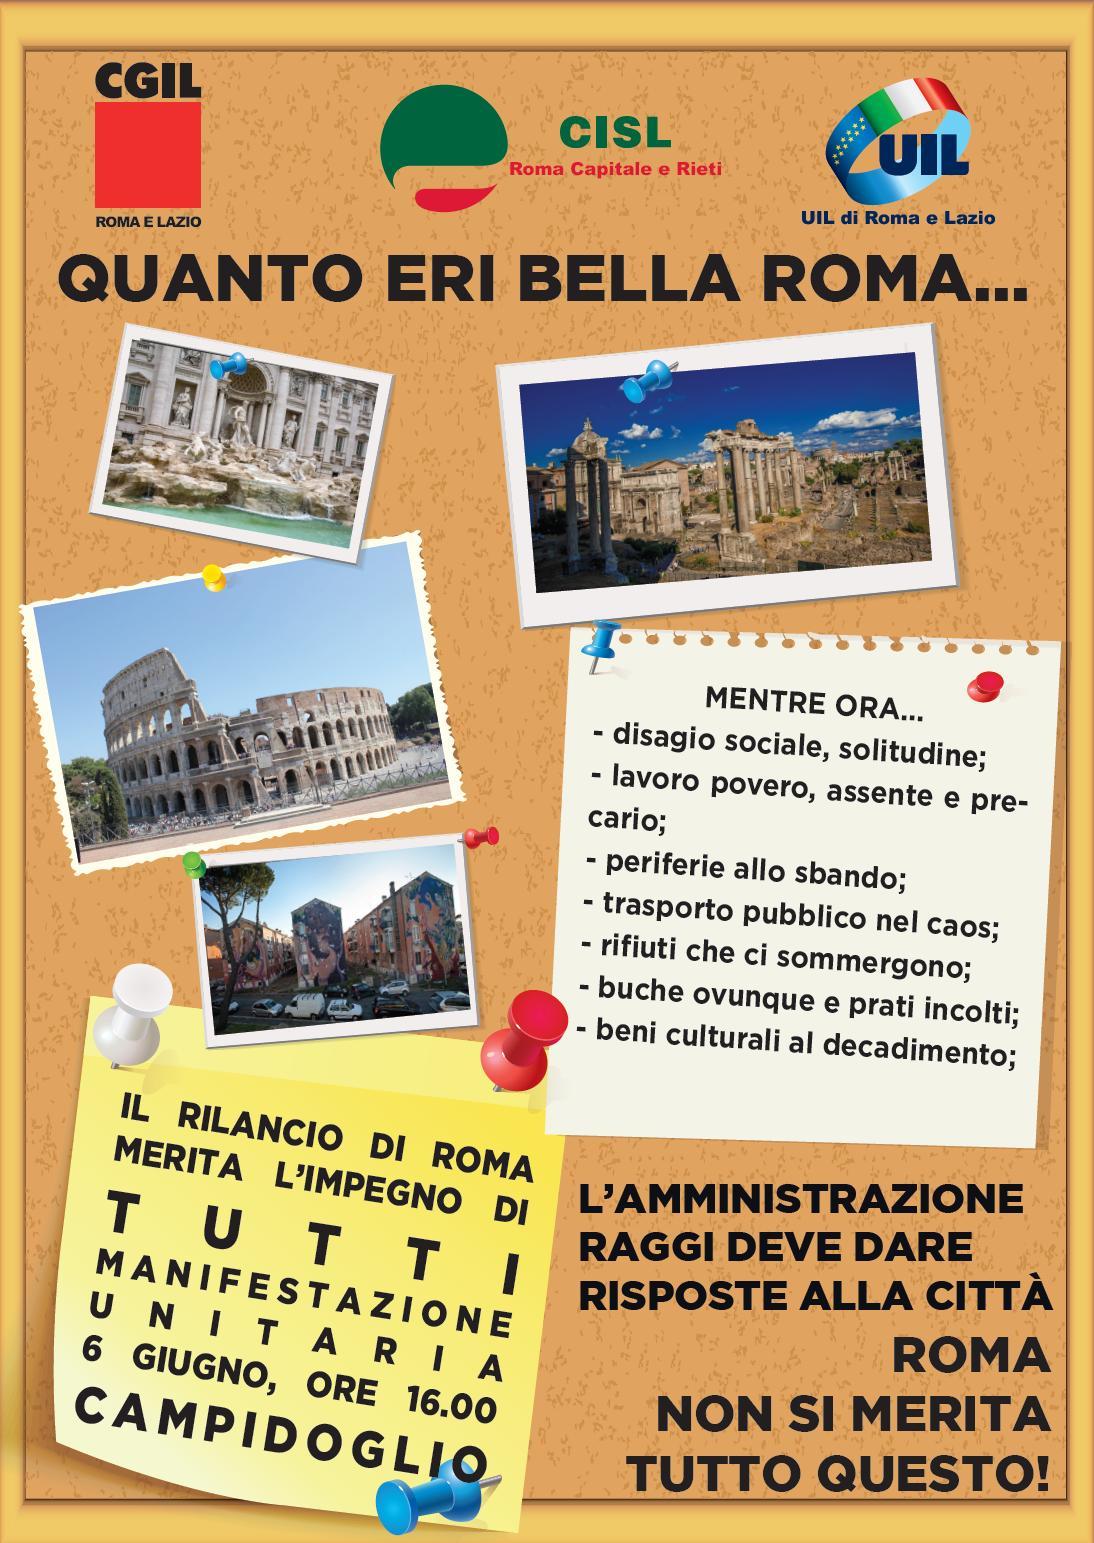 """2c633c8d9d """"Quanto eri bella Roma… ma tocca cambiare passo! Con questo slogan, Cgil  Cisl e Uil territoriali lanciano il presidio che si terrà il prossimo 6  giugno in ..."""